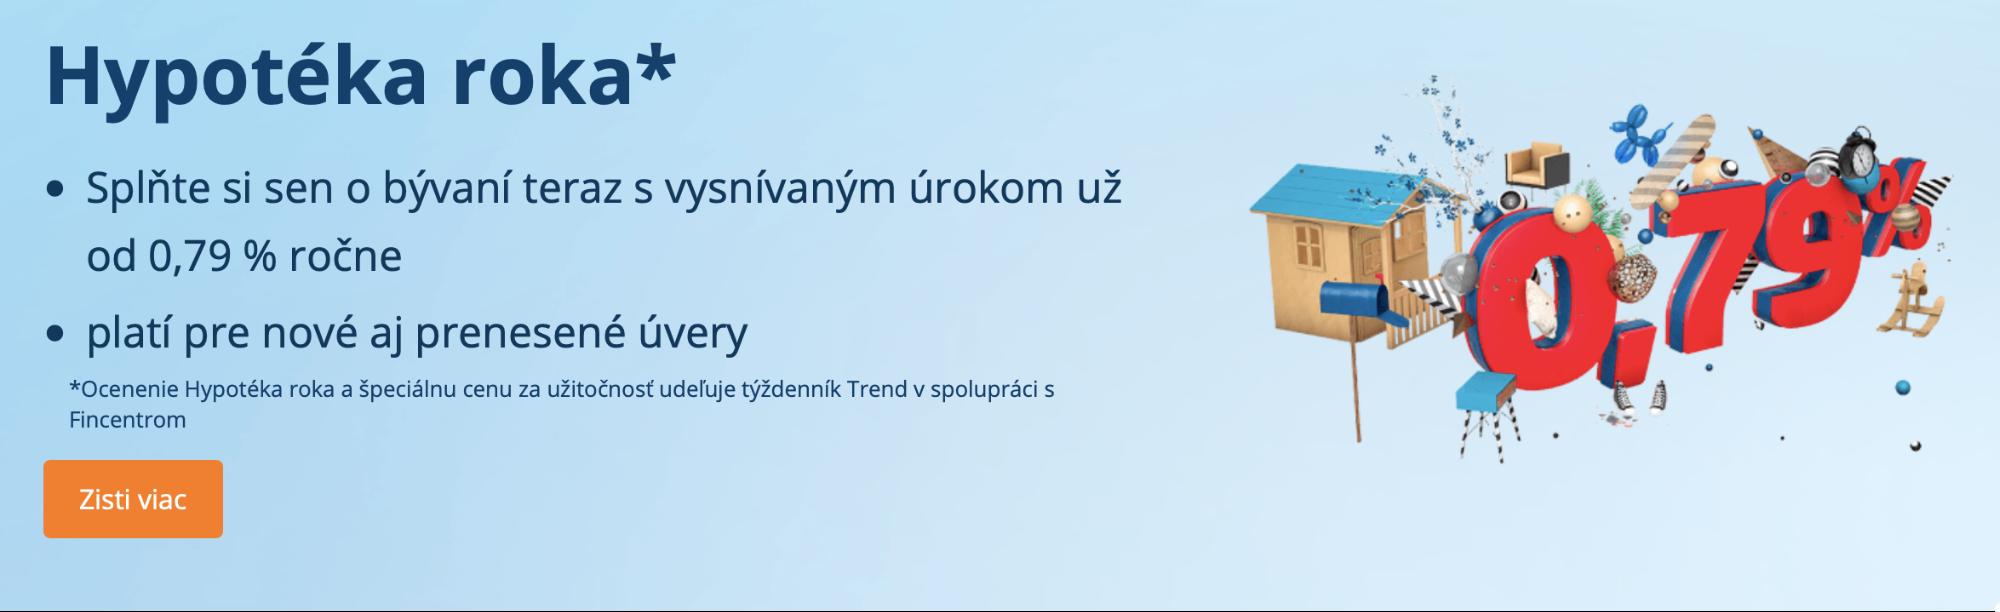 Предложение по ипотеке в Словацком сберегательном банке